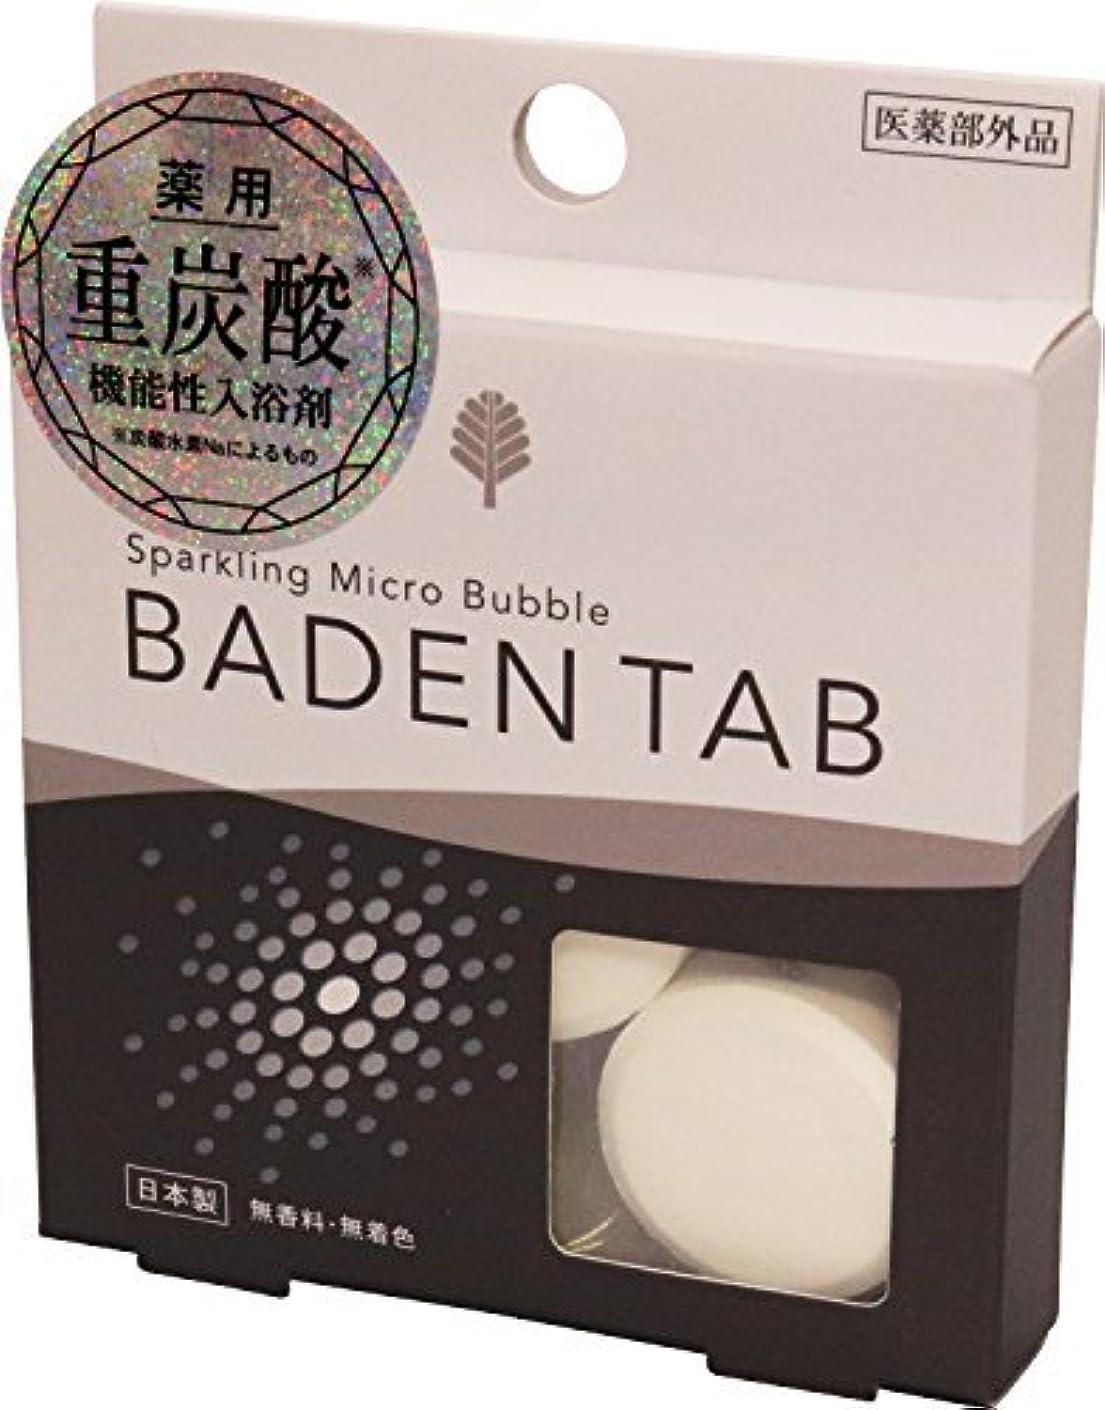 知覚できる贅沢なきらめき日本製 made in japan 薬用BadenTab5錠1パック15gx5錠入 BT-8755 【まとめ買い12個セット】